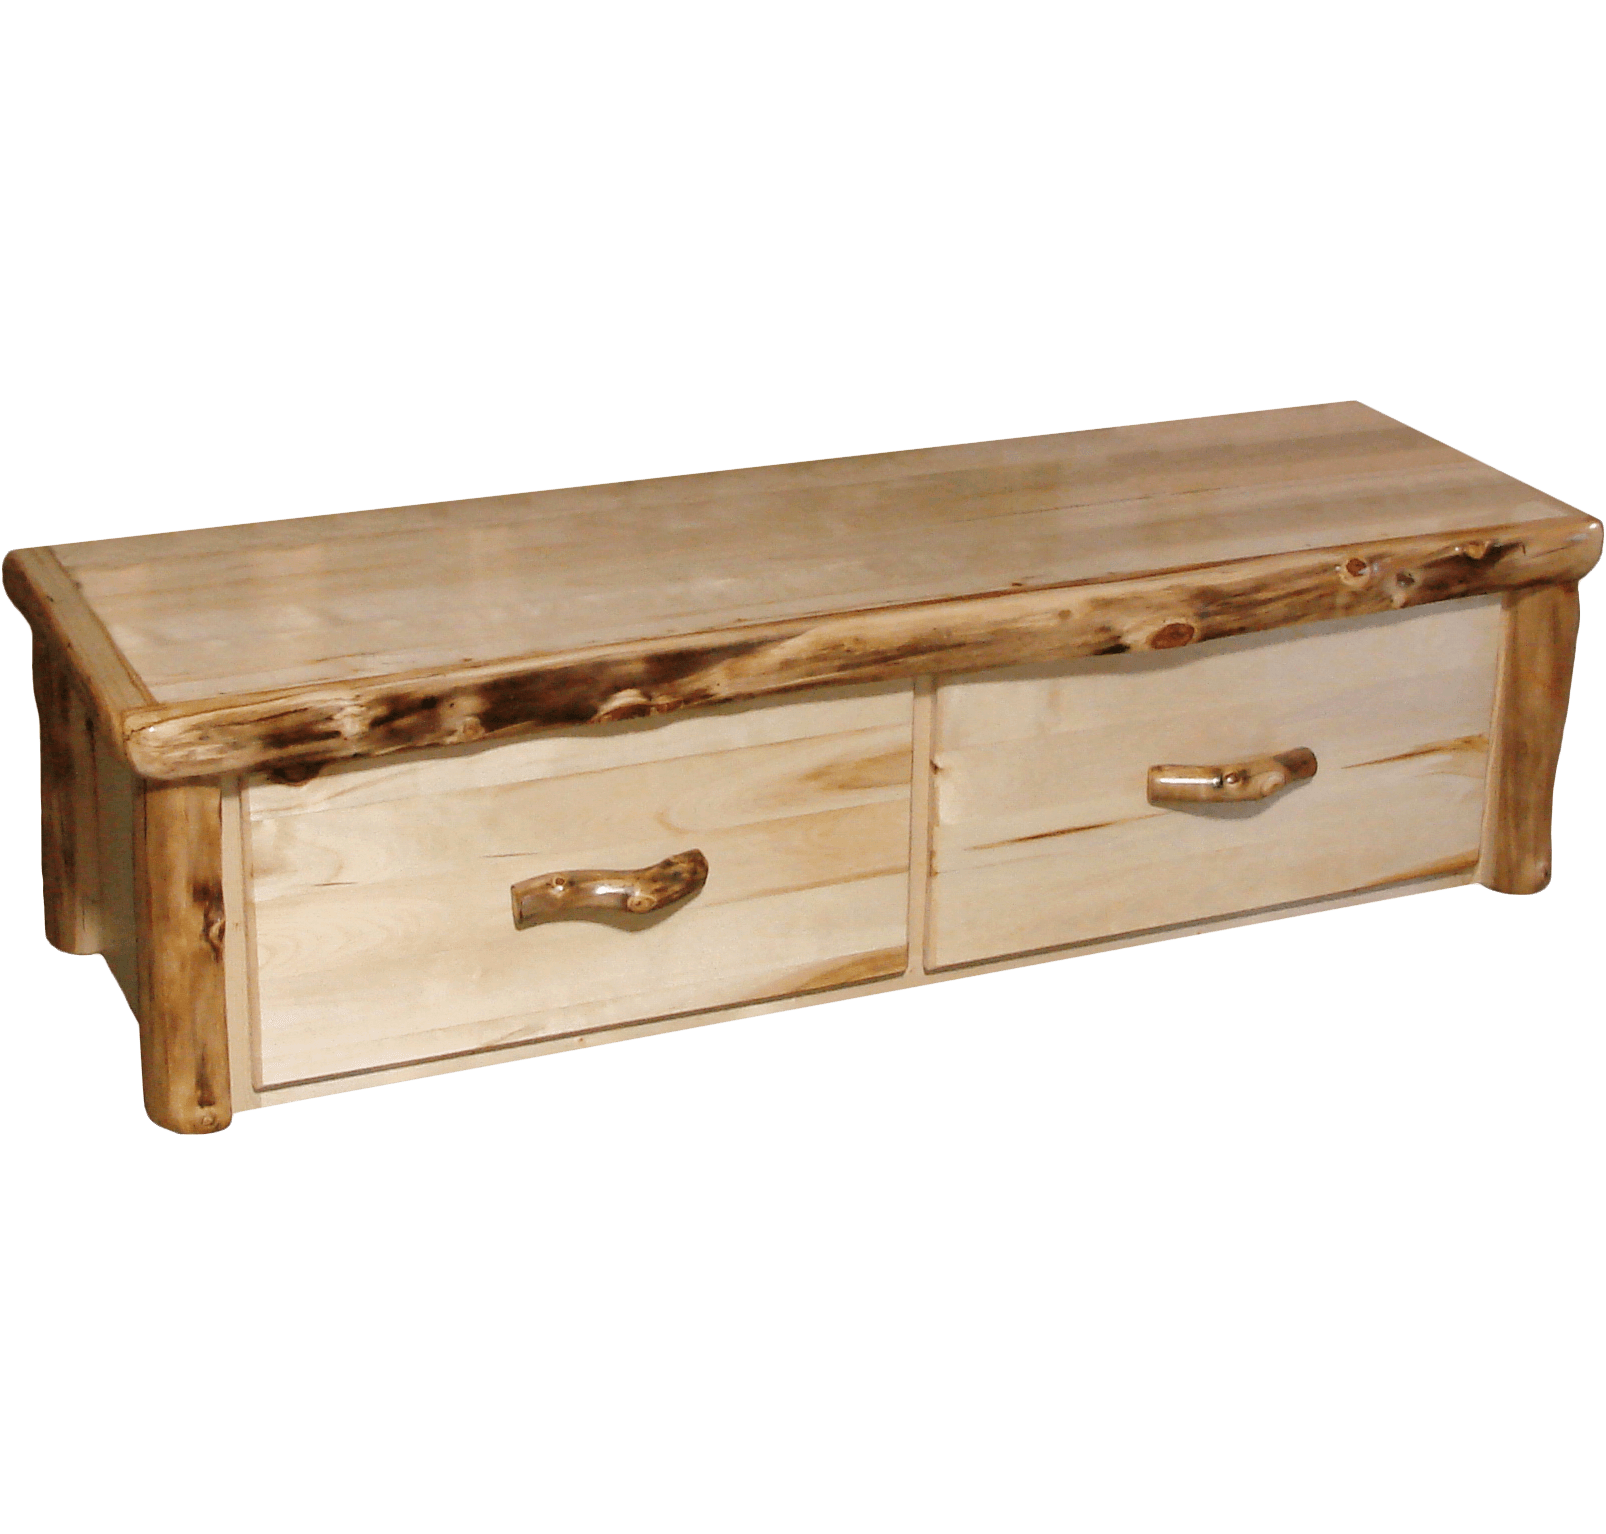 Aspen Log Bench Chest Rustic Log Furniture Of Utah